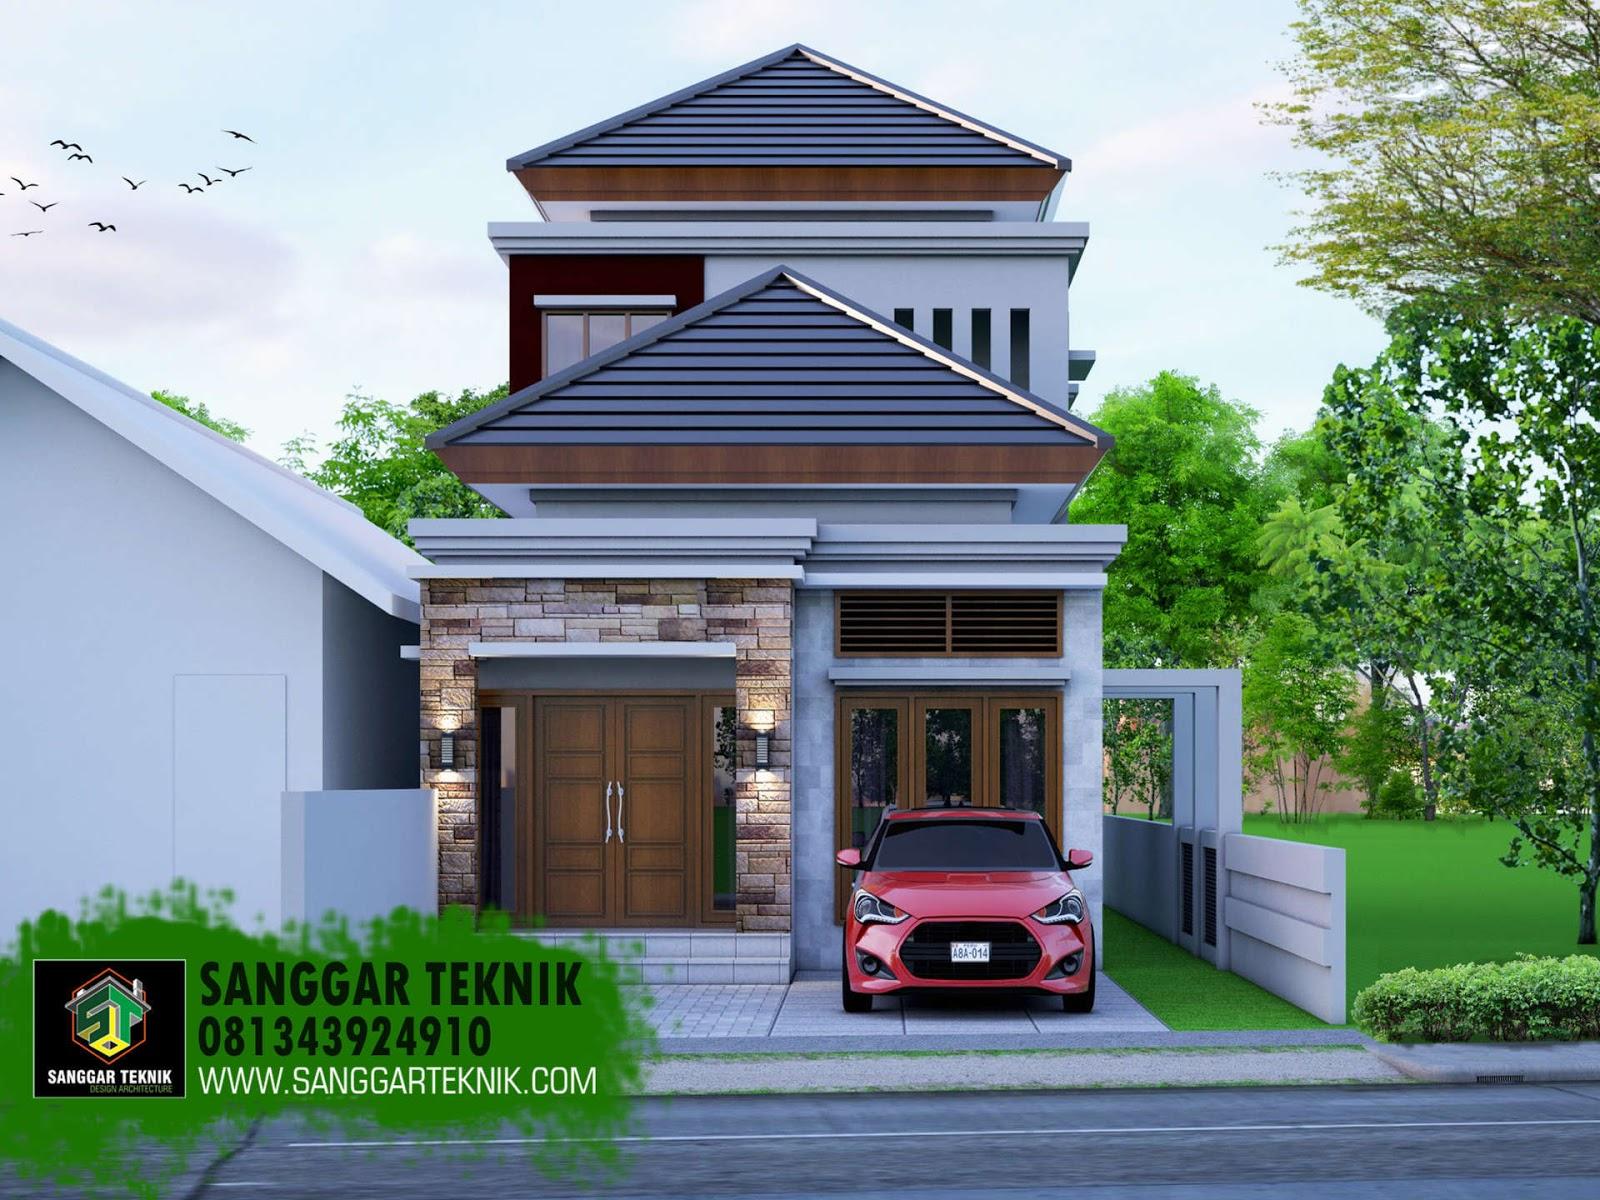 Desain Rumah Minimalis Modern 5 7 X 13 2 Lantai Sanggar Teknik